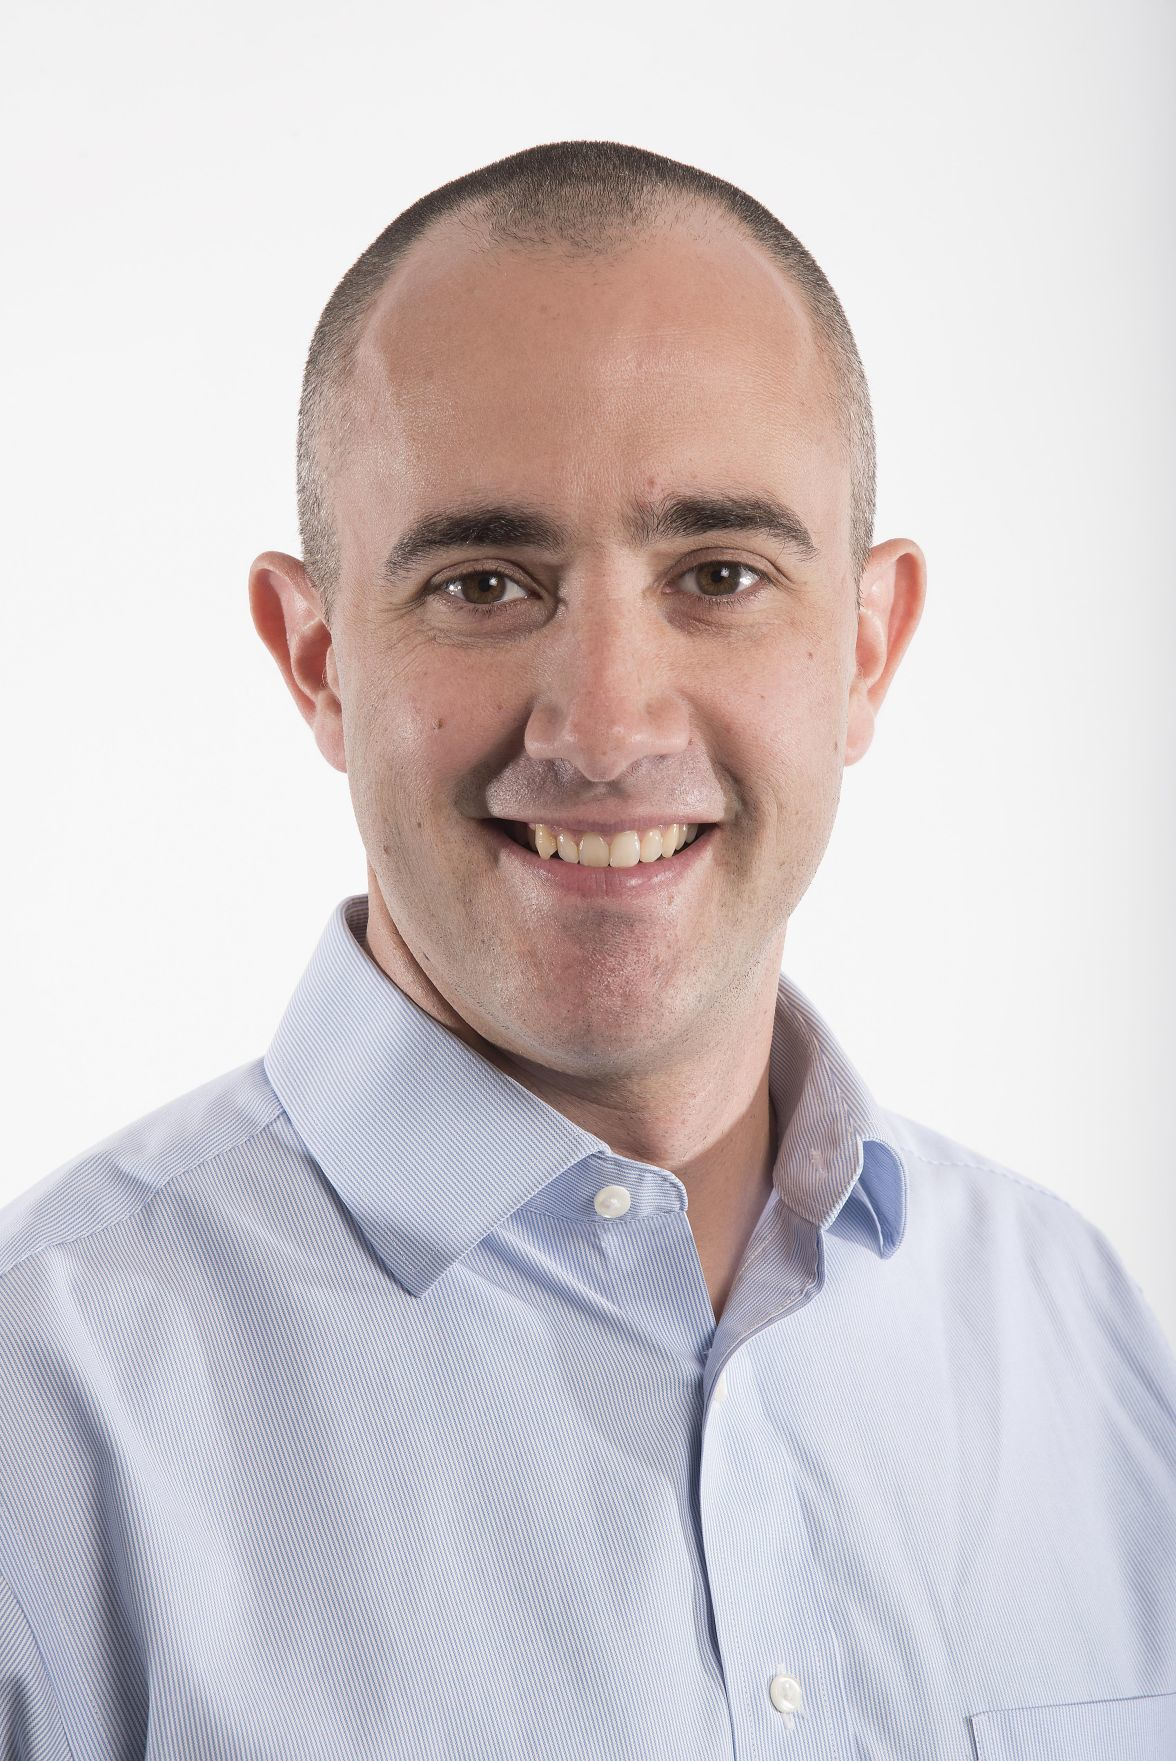 DG candidate Ben MacShane